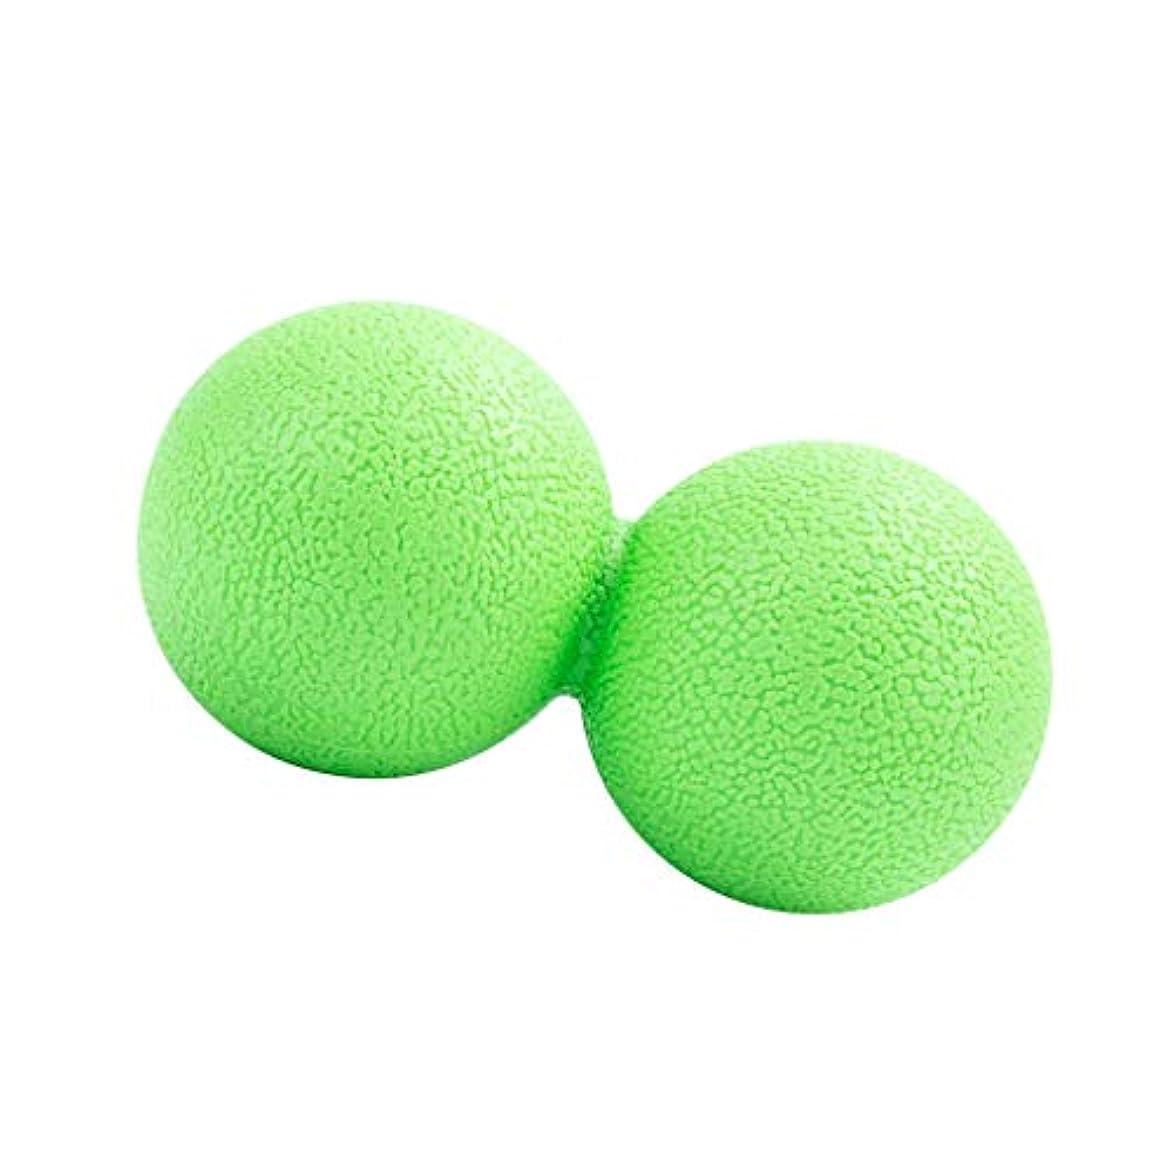 補償撃退する断片マッサージボール ピーナッツ型 筋リラクサー モビリティボール 健康器具 全2色 - 緑, 13cm